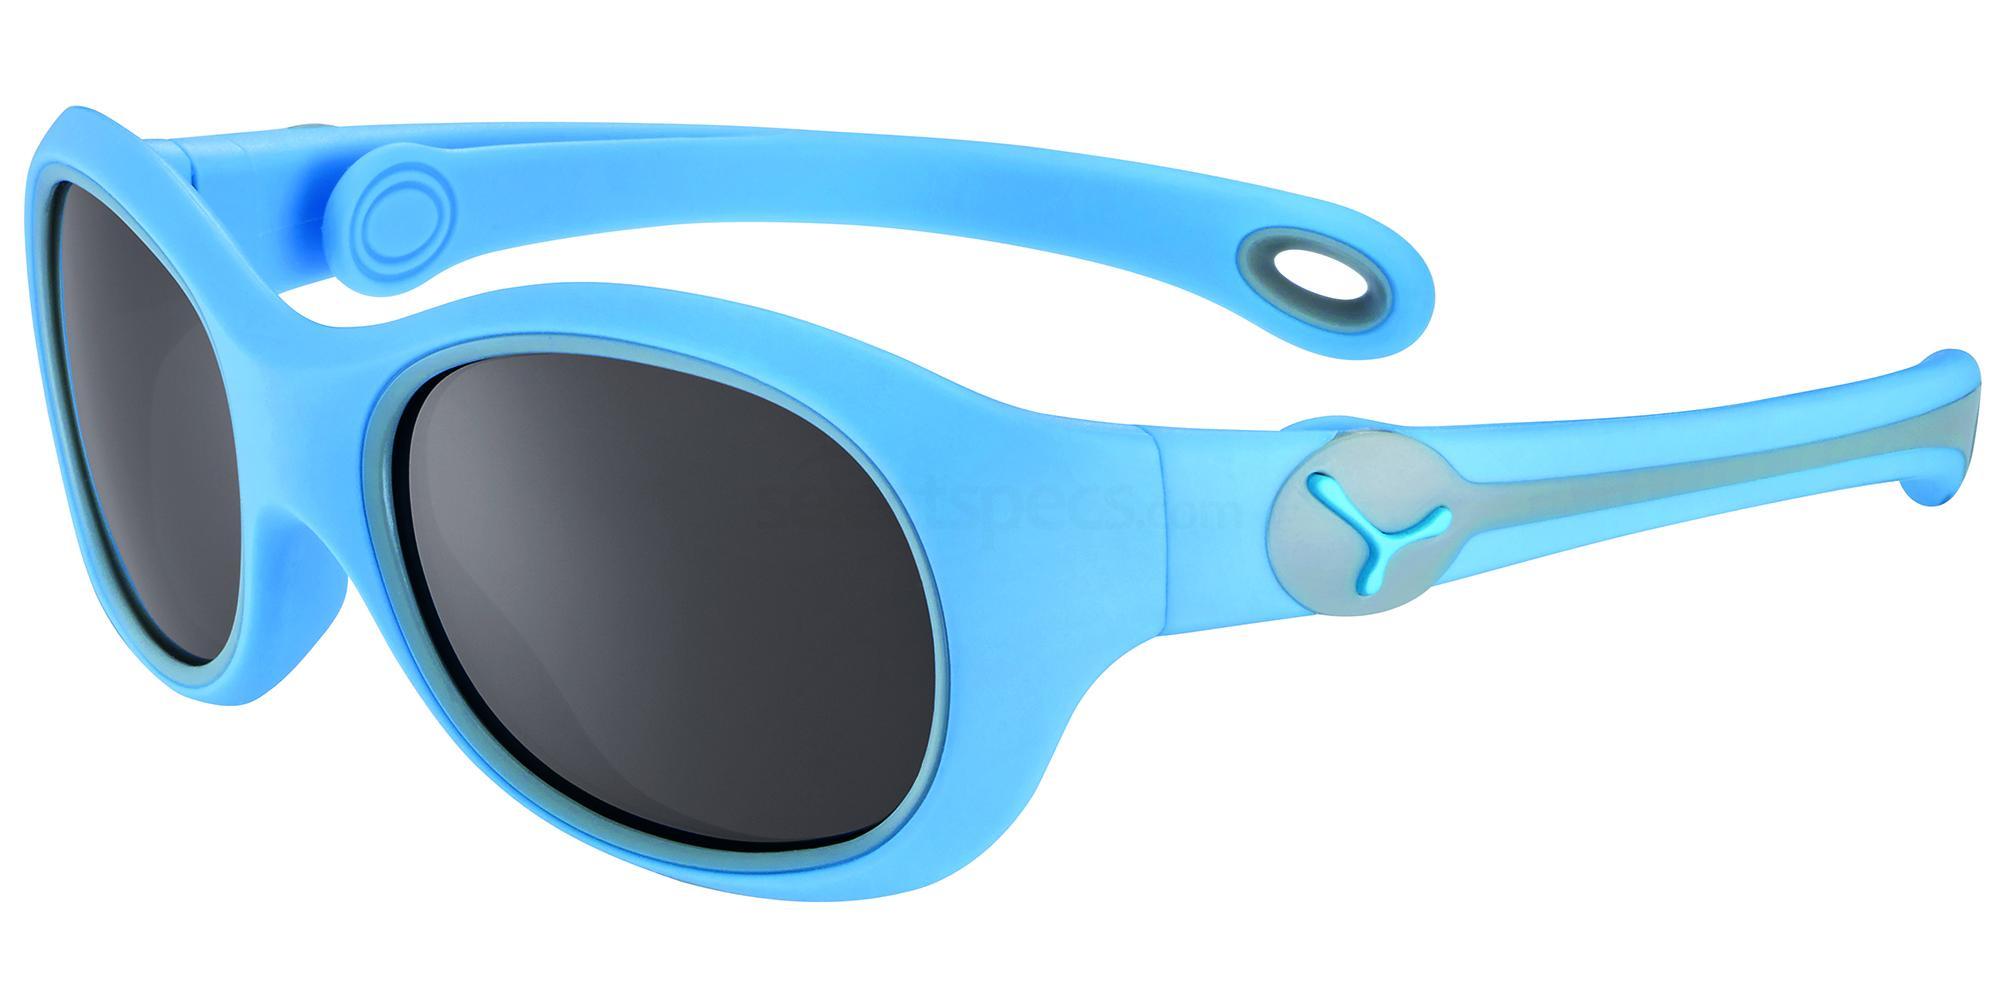 CBSMILE1 S'MILE (Age 0-1,5) Sunglasses, Cebe JUNIOR